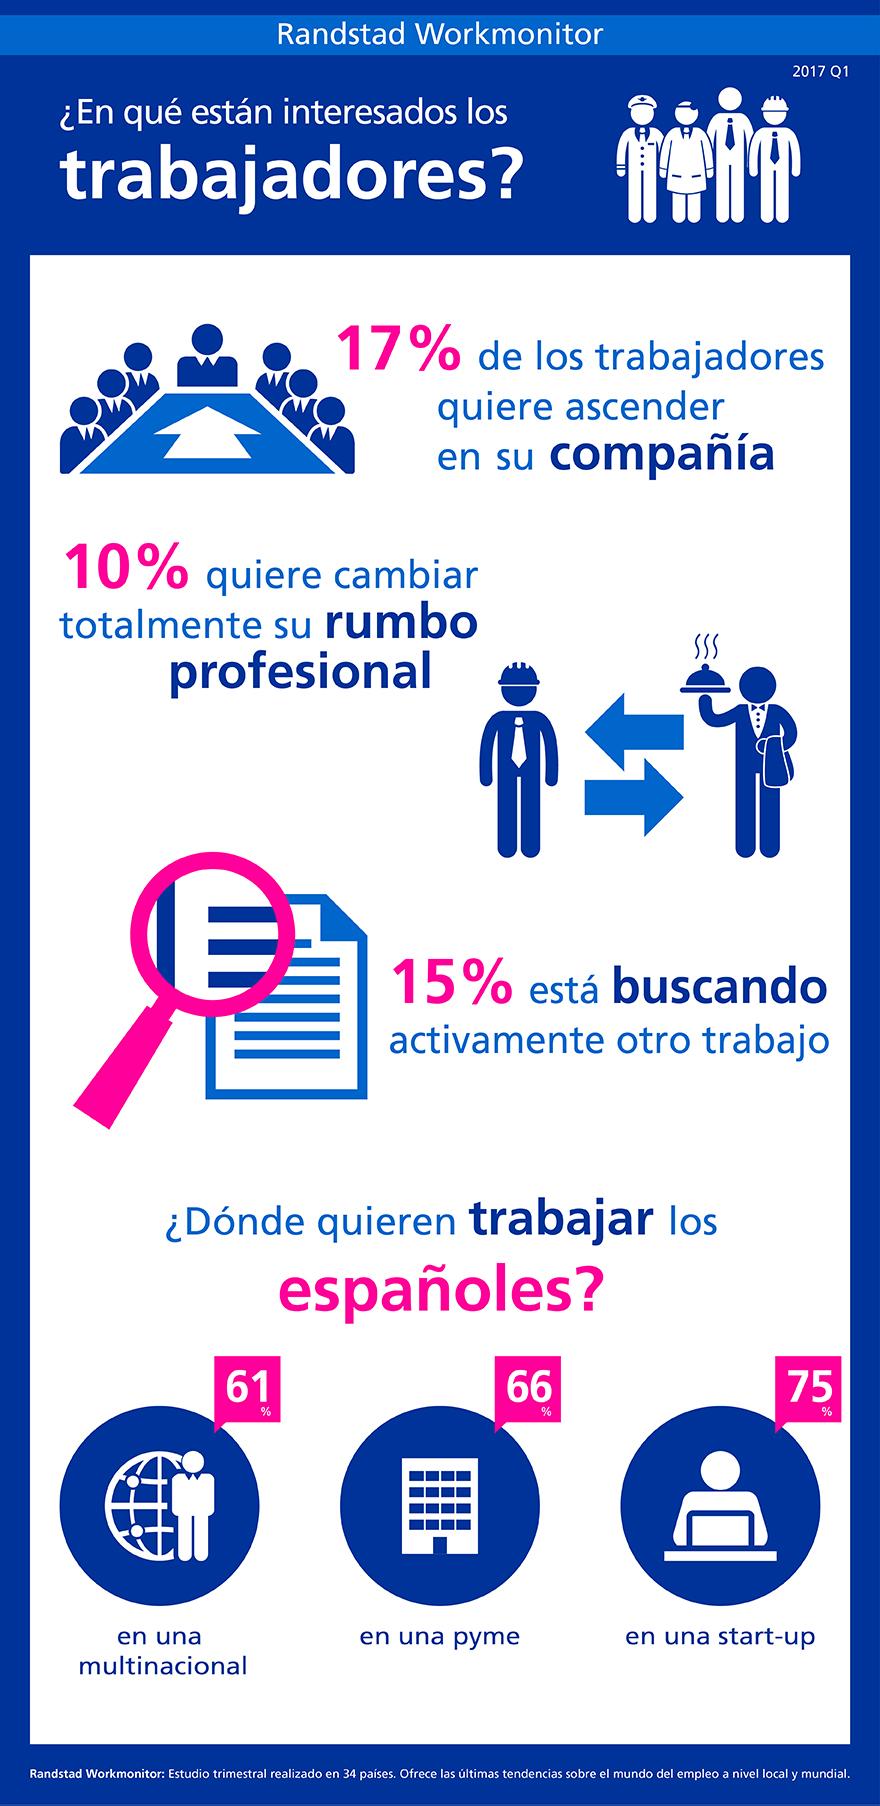 randstad workmonitor | Q1 2017 | infografía en qué están interesados los trabajadores